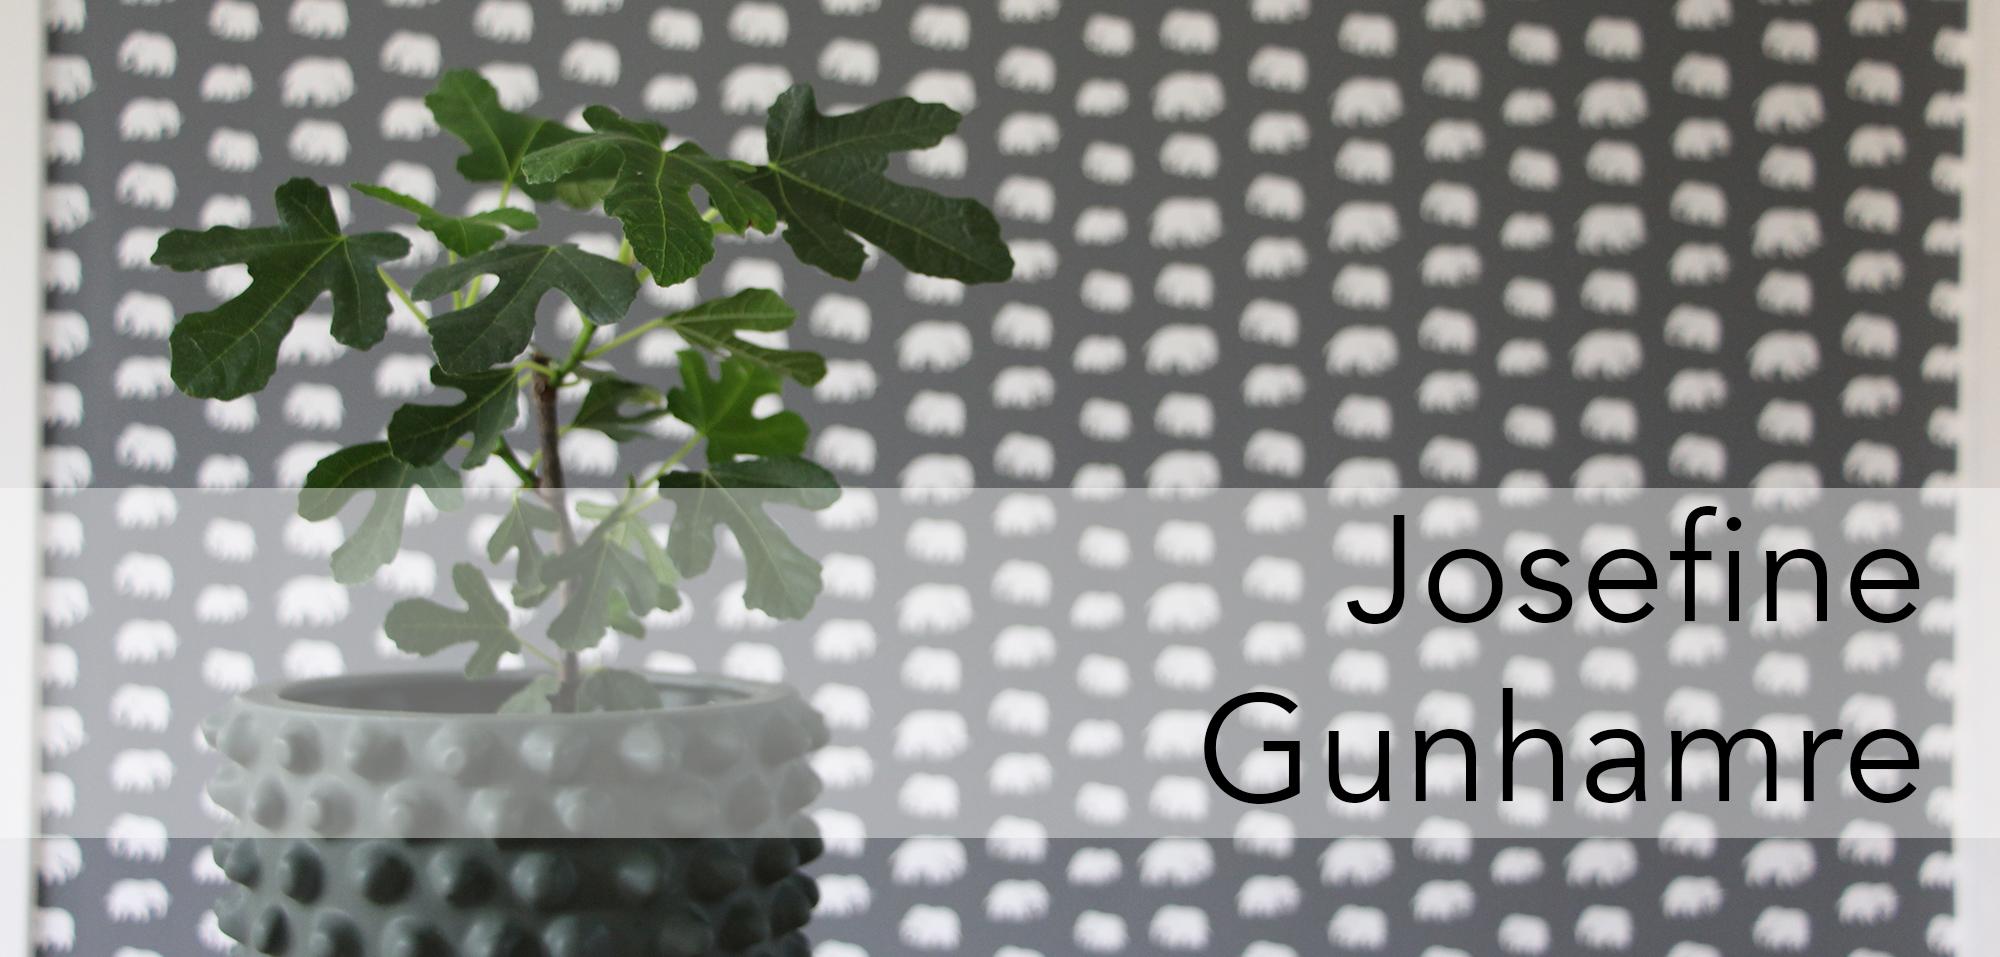 Josefine Gunhamre - Inredning och livsstil av Josefine Gunhamre